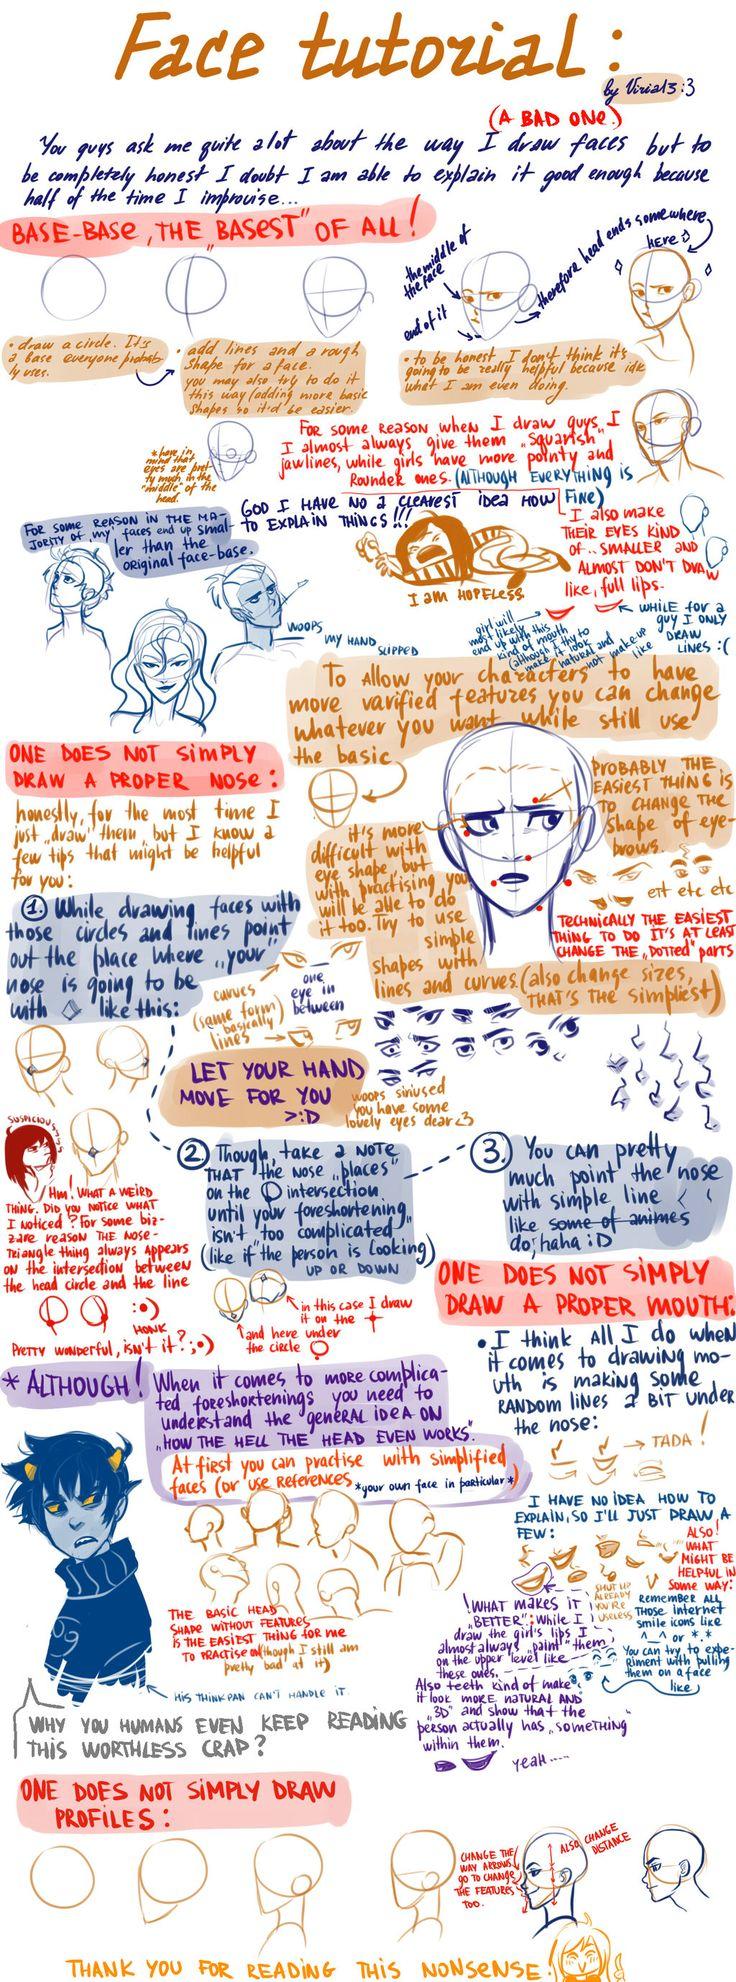 a very bad face tutorial by viria13.deviantart.com on @deviantART